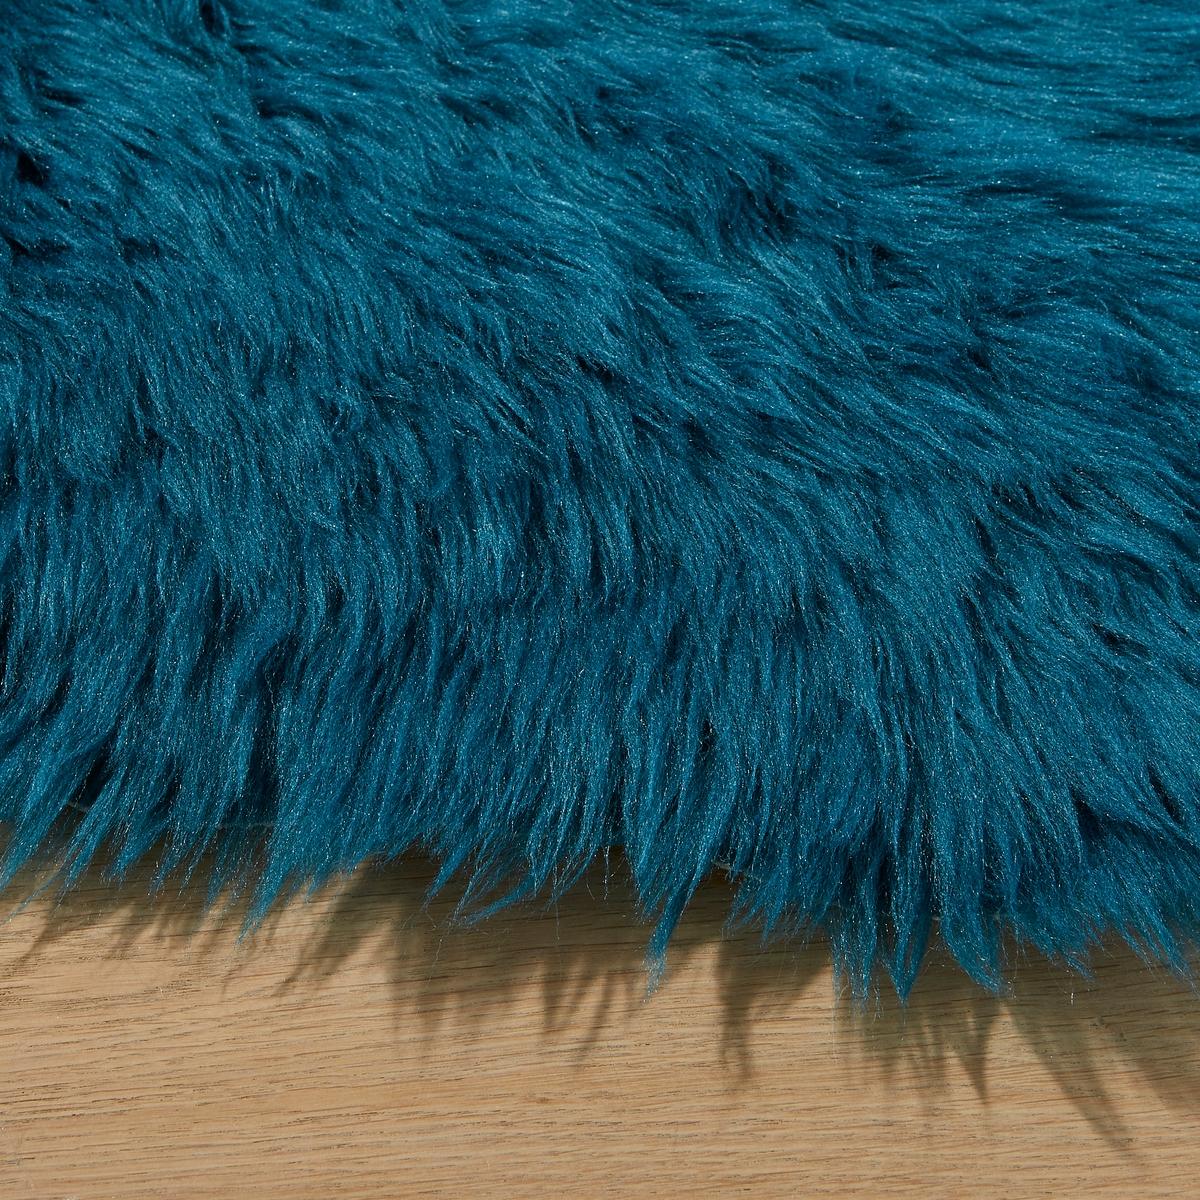 Ковер ShipaОписание ковра Shipa :100% акрилВысота ворса : 5,5 смДругие модели ковров вы можете найти на сайте laredoute.ru.Размеры :50 x 90 см<br><br>Цвет: небесно-голубой,розовый,сине-зеленый,сиреневый,черный<br>Размер: 55 x 90 см